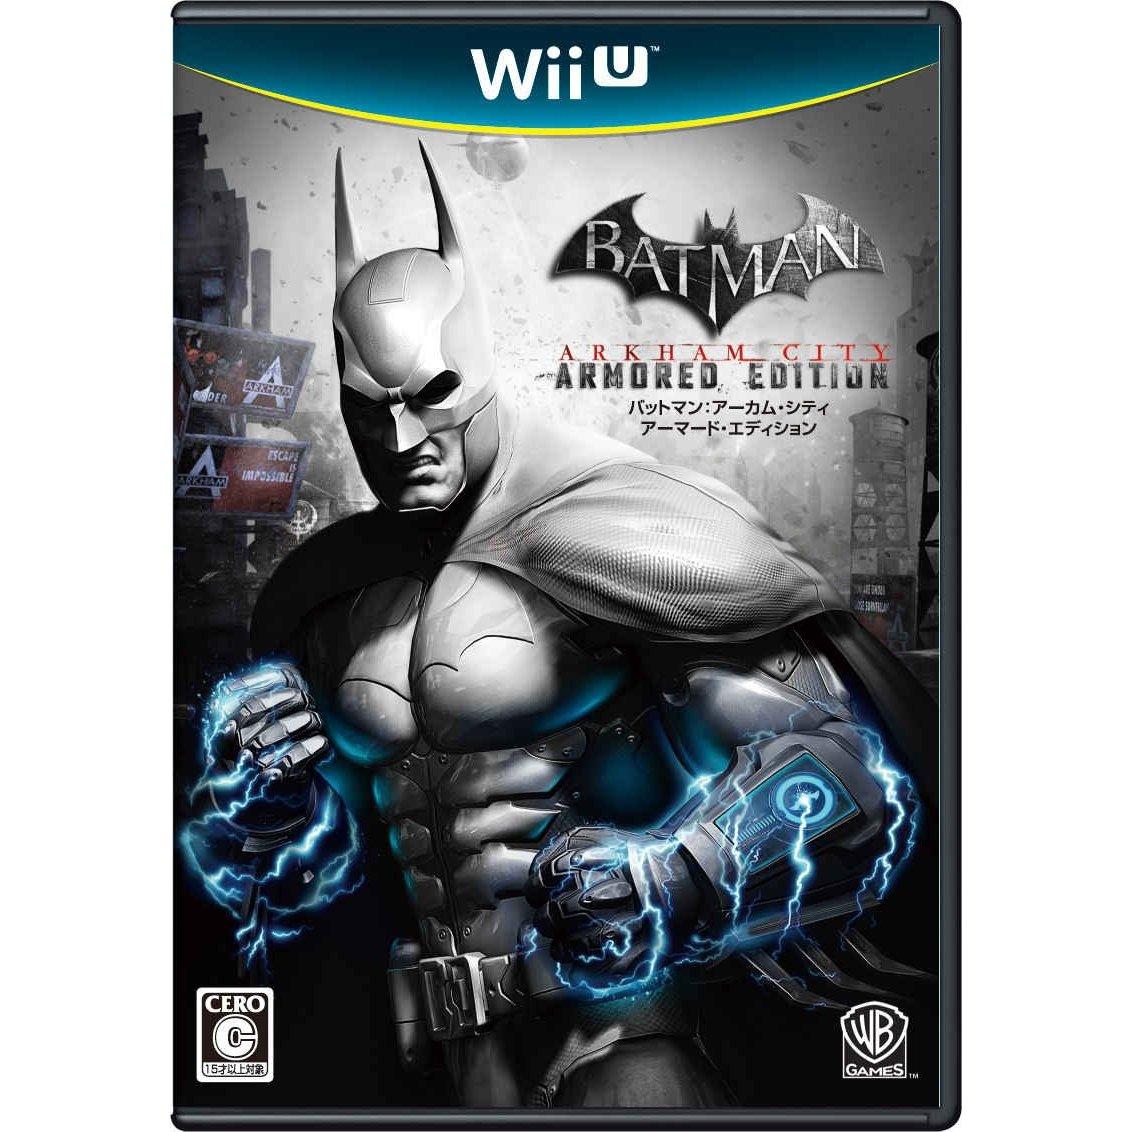 現貨供應中 [輔導級] WII U 蝙蝠俠:阿卡漢城市 [WII U專用軟體] 日版